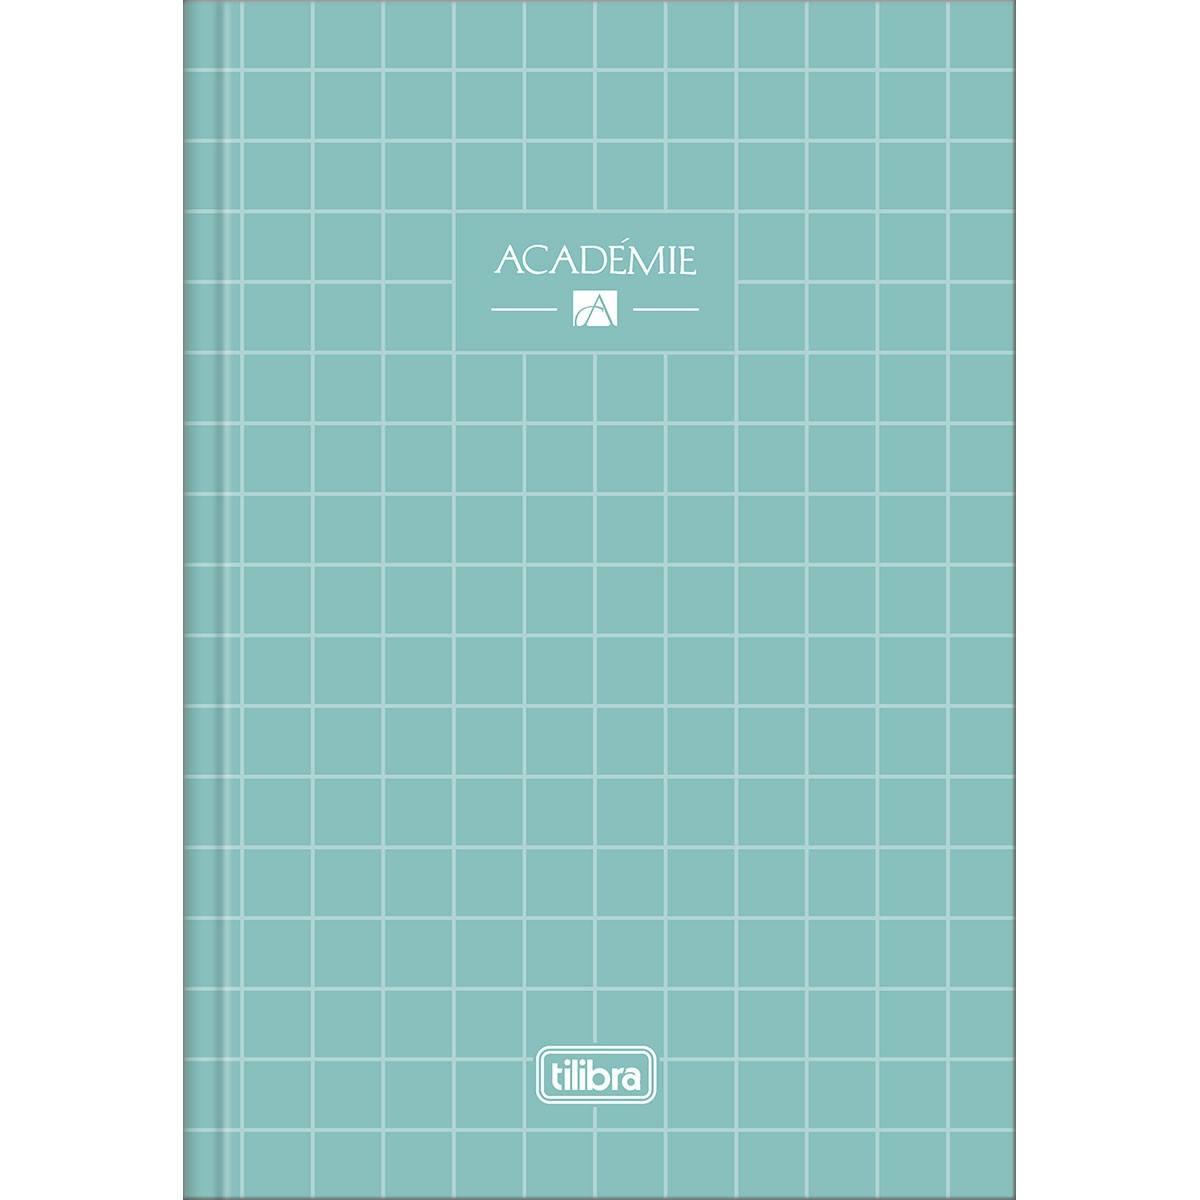 Caderno Brochura Capa Dura Universitário Académie Feminino 80 Fls - Tilibra